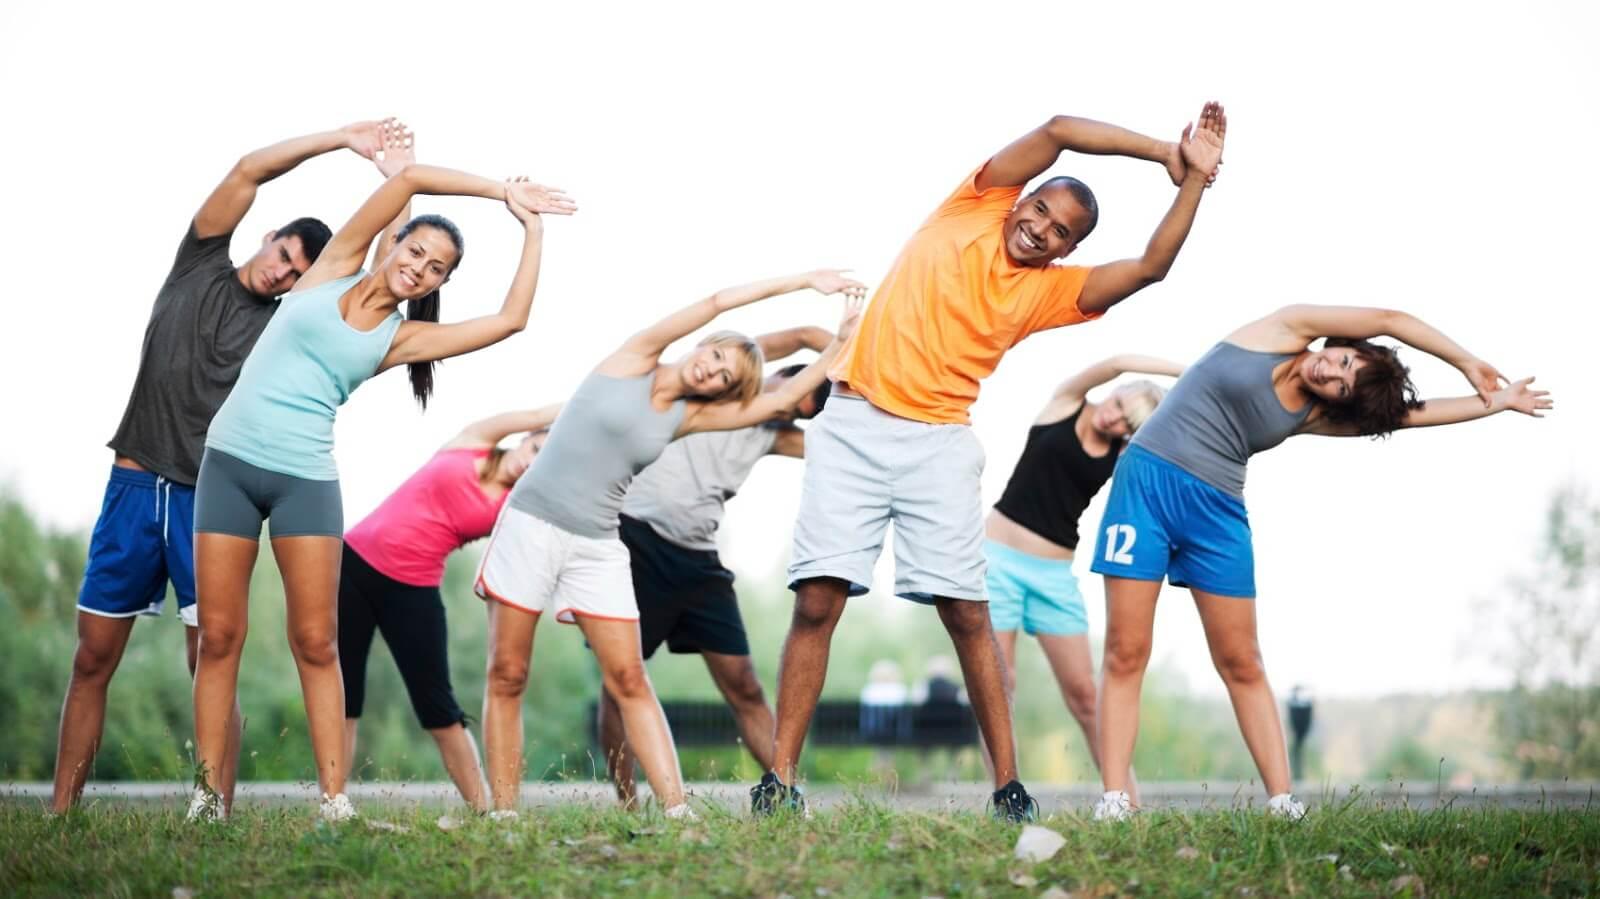 Siêng năng tập thể dục và sinh hoạt lành mạnh để phòng tránh sùi mào gà